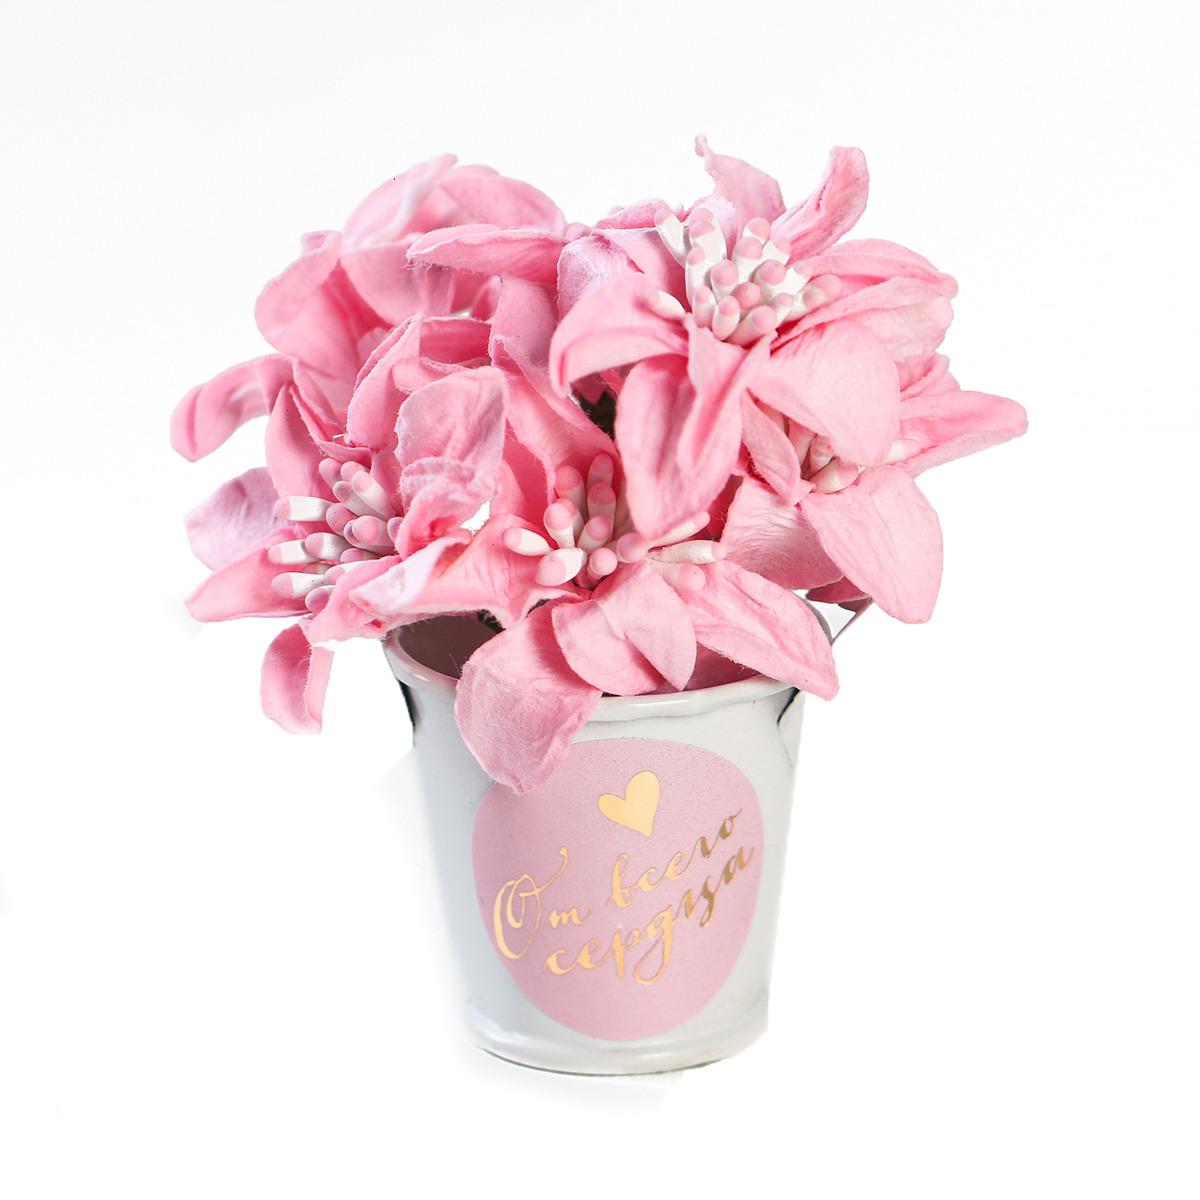 Цветочный комплимент Арт Узор Ты моё вдохновение, 3909439, розовый юлия вишня мое ты вдохновение стихи